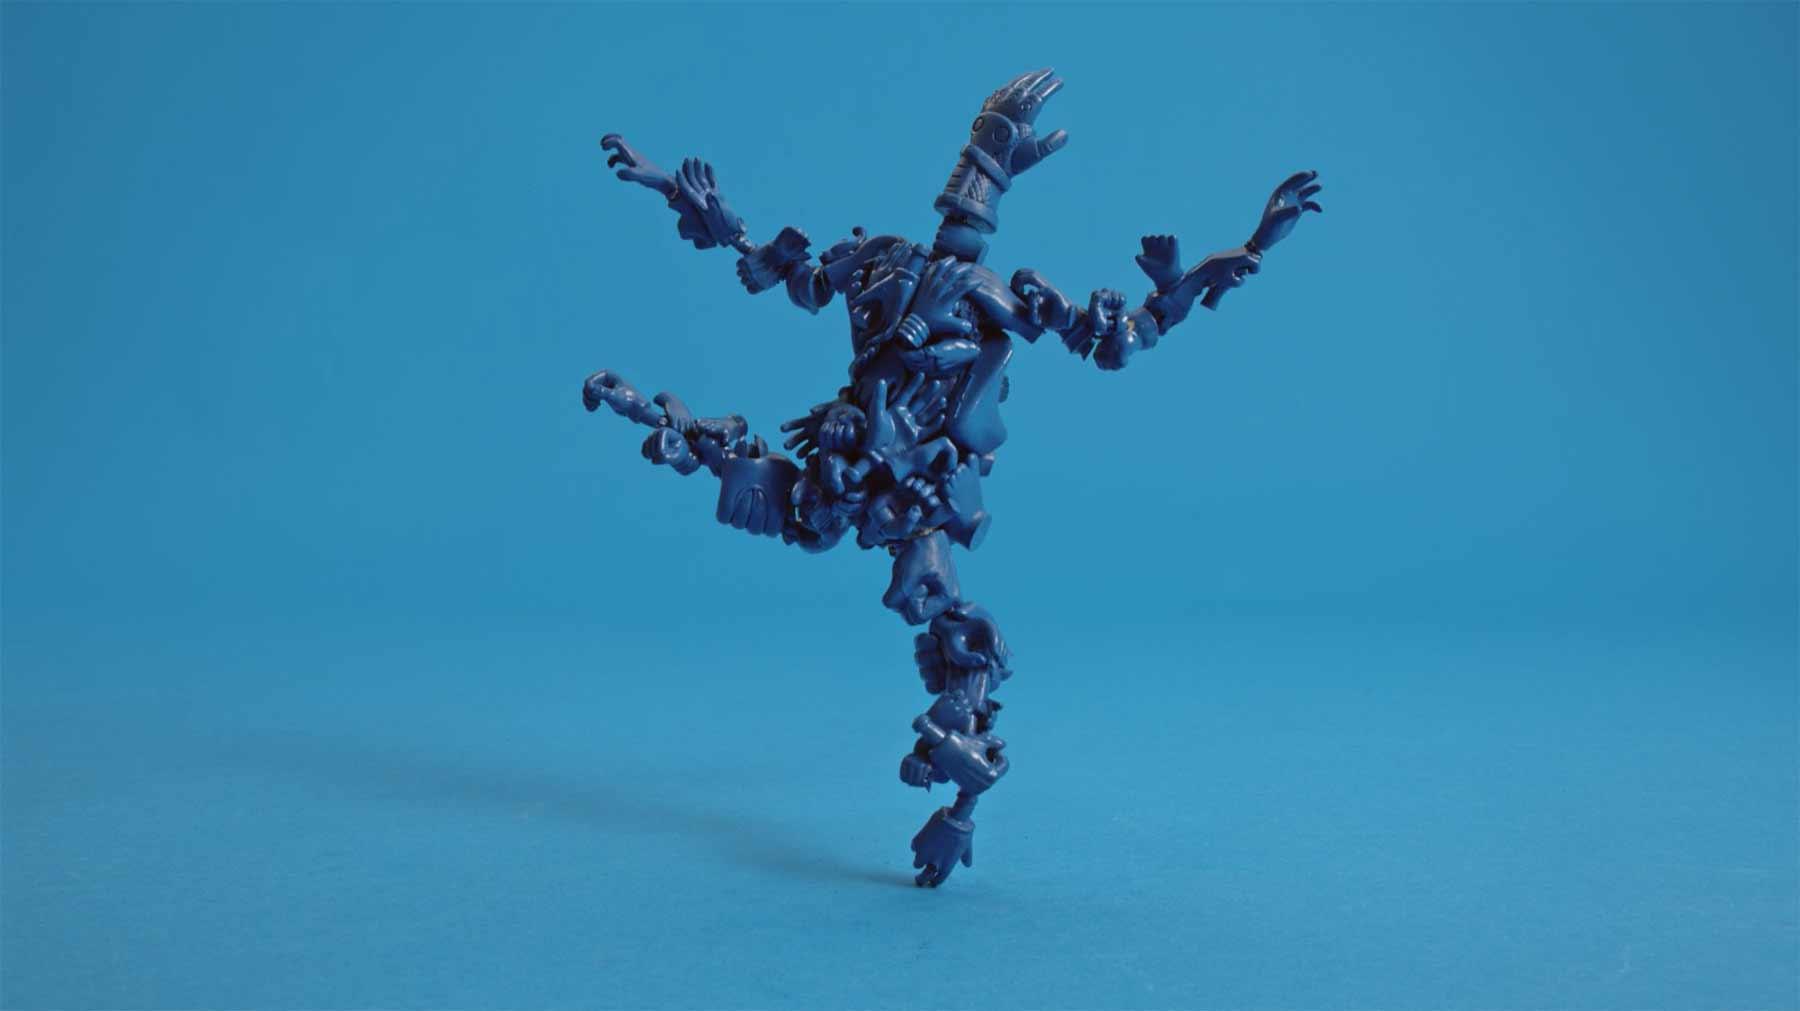 Künstlerische Porzellanfigur-Stopmotion stopmotion-Salvation